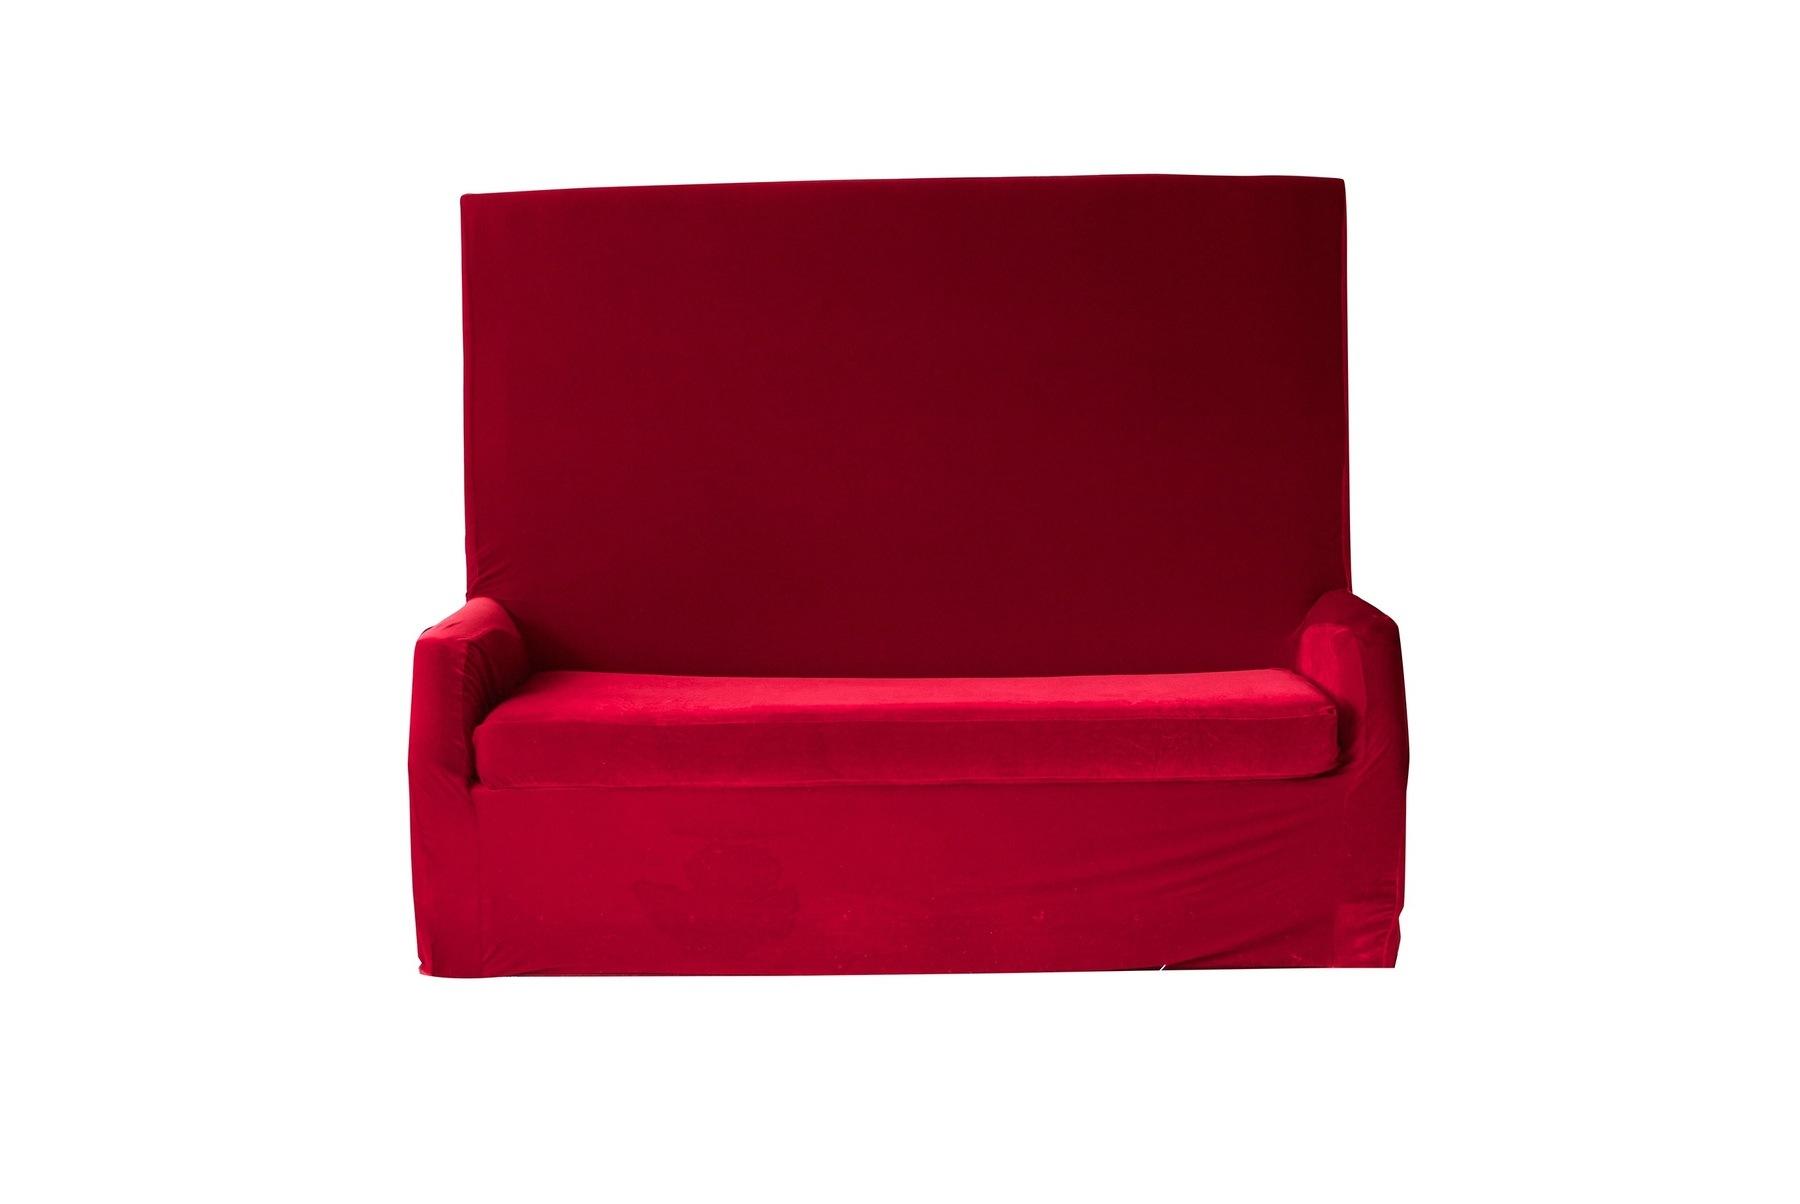 Red Velvet High Back Sofa Nüage Designs